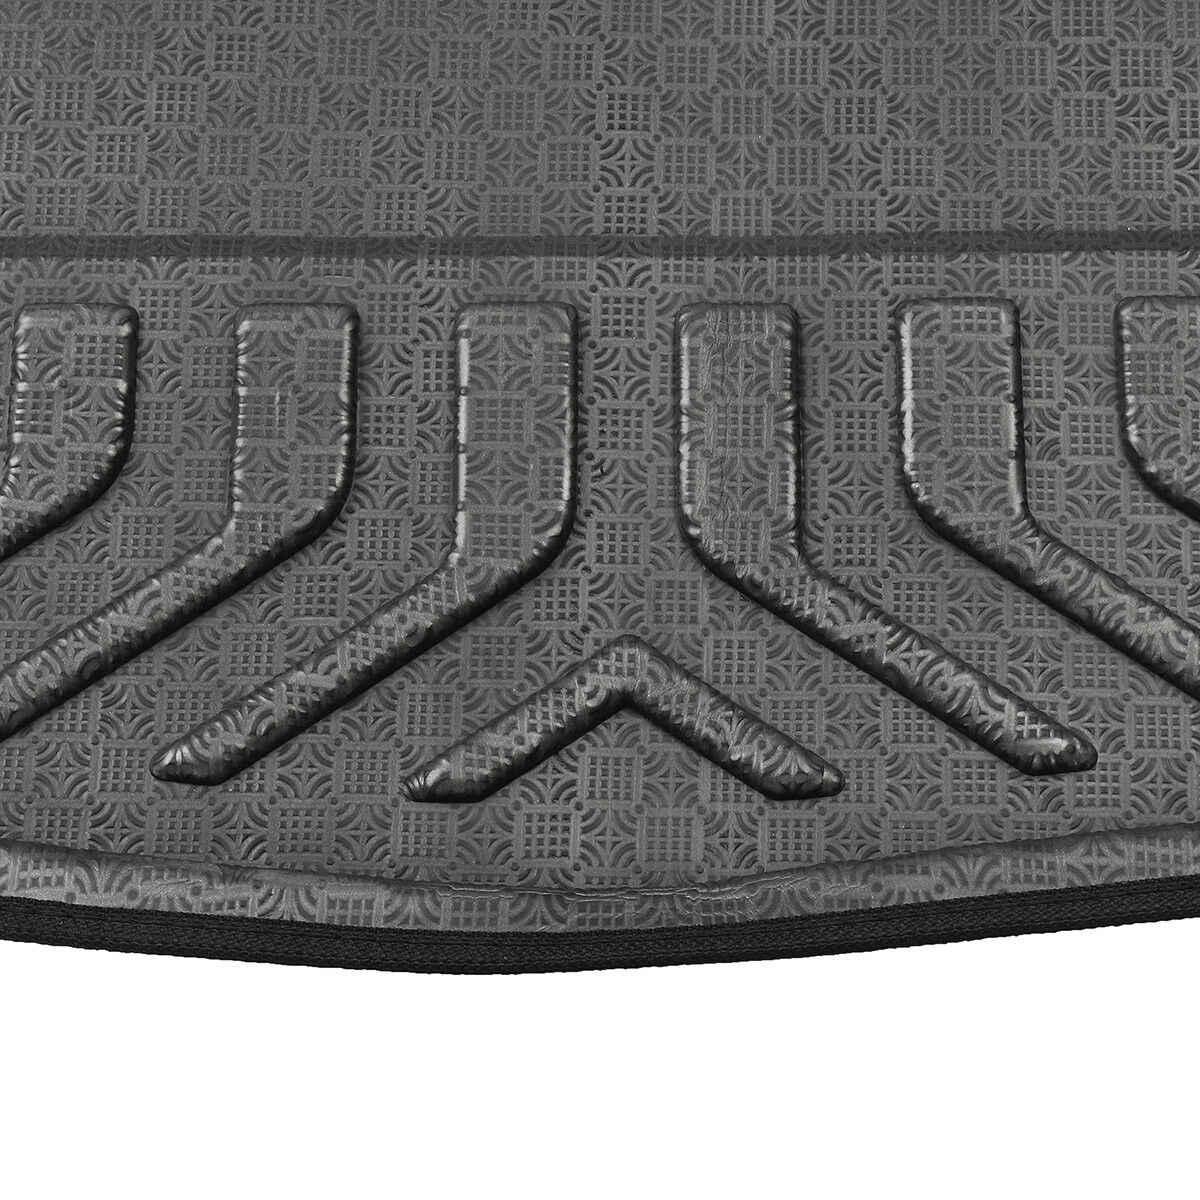 لمازدا CX-5 CX5 MK2 2017 2018 الخلفية حمولة حقيبة السيارة التمهيد بطانة تصفيف السيارة الداخلية اكسسوارات سجادة مقاومة للماء للصدمات